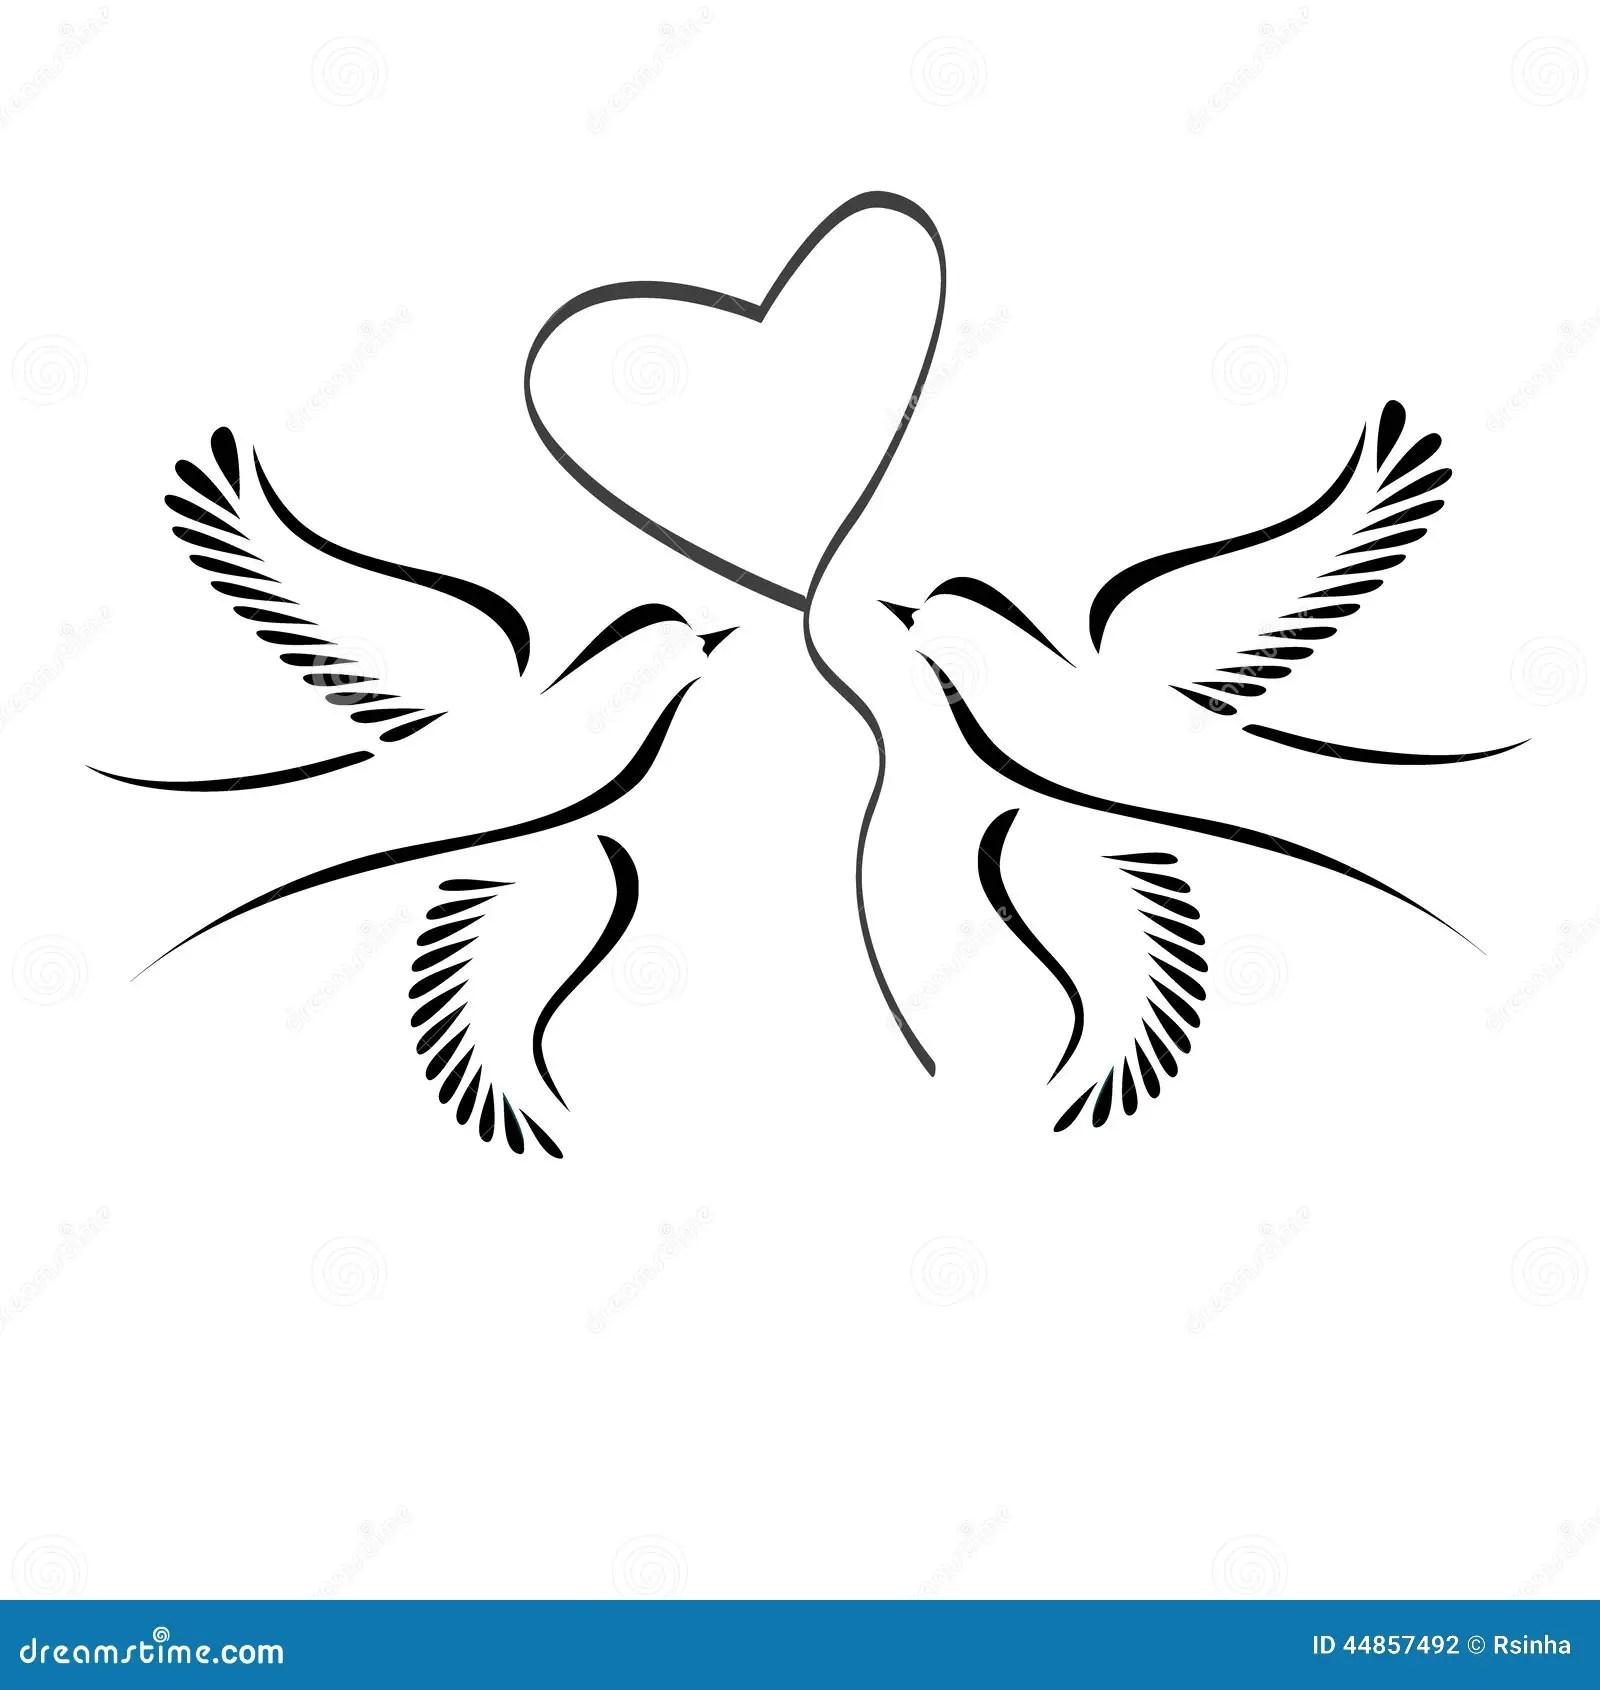 Tauben mit Herzen vektor abbildung Illustration von zeichen  44857492